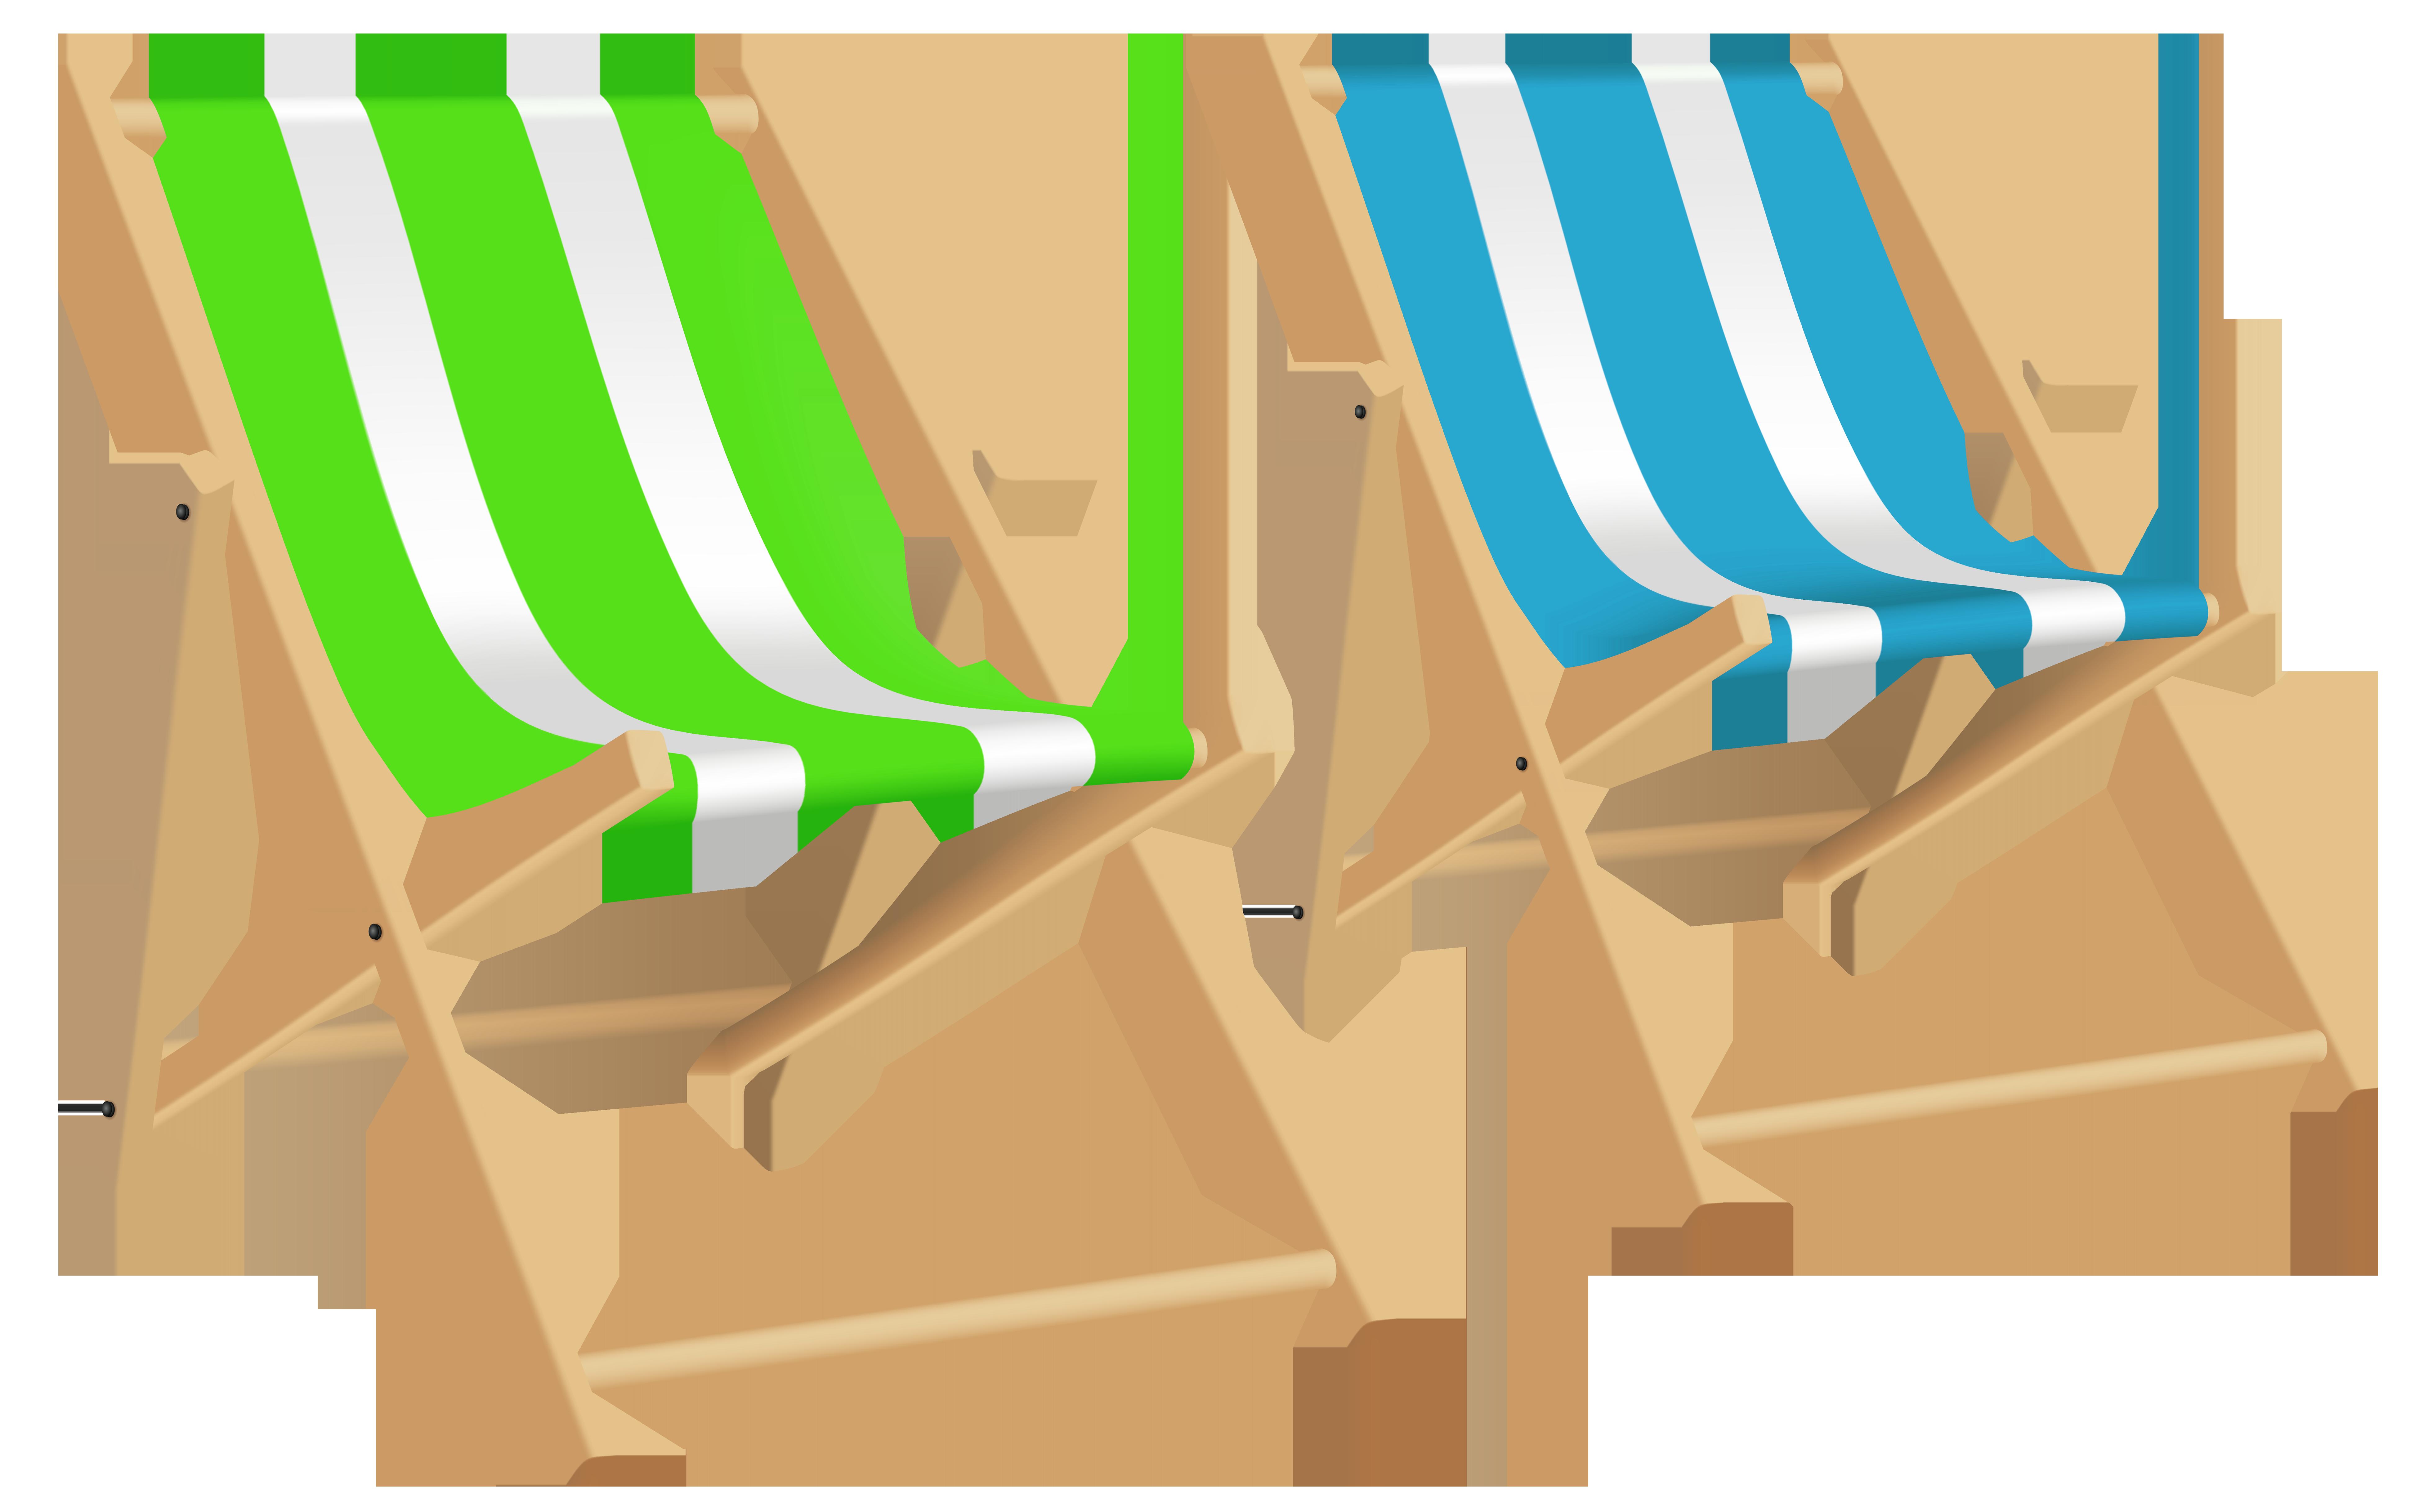 Beach Chair Strandkorb Clip art.